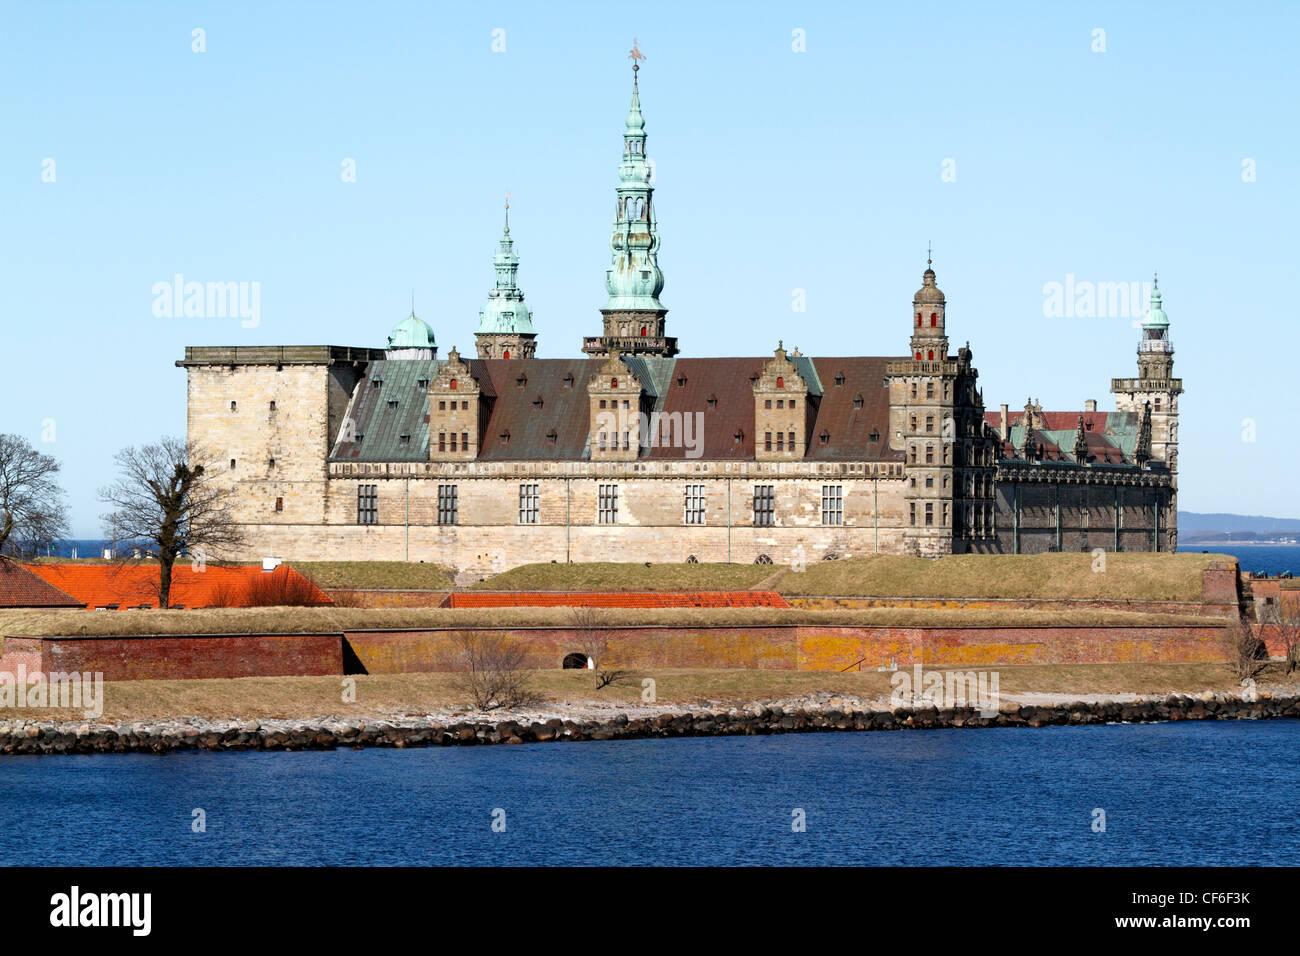 Le château renaissance de Kronborg à Elseneur (Helsingør, Danemark), vu depuis le pont Oresund (le son) sur un jour de printemps ensoleillé. Banque D'Images